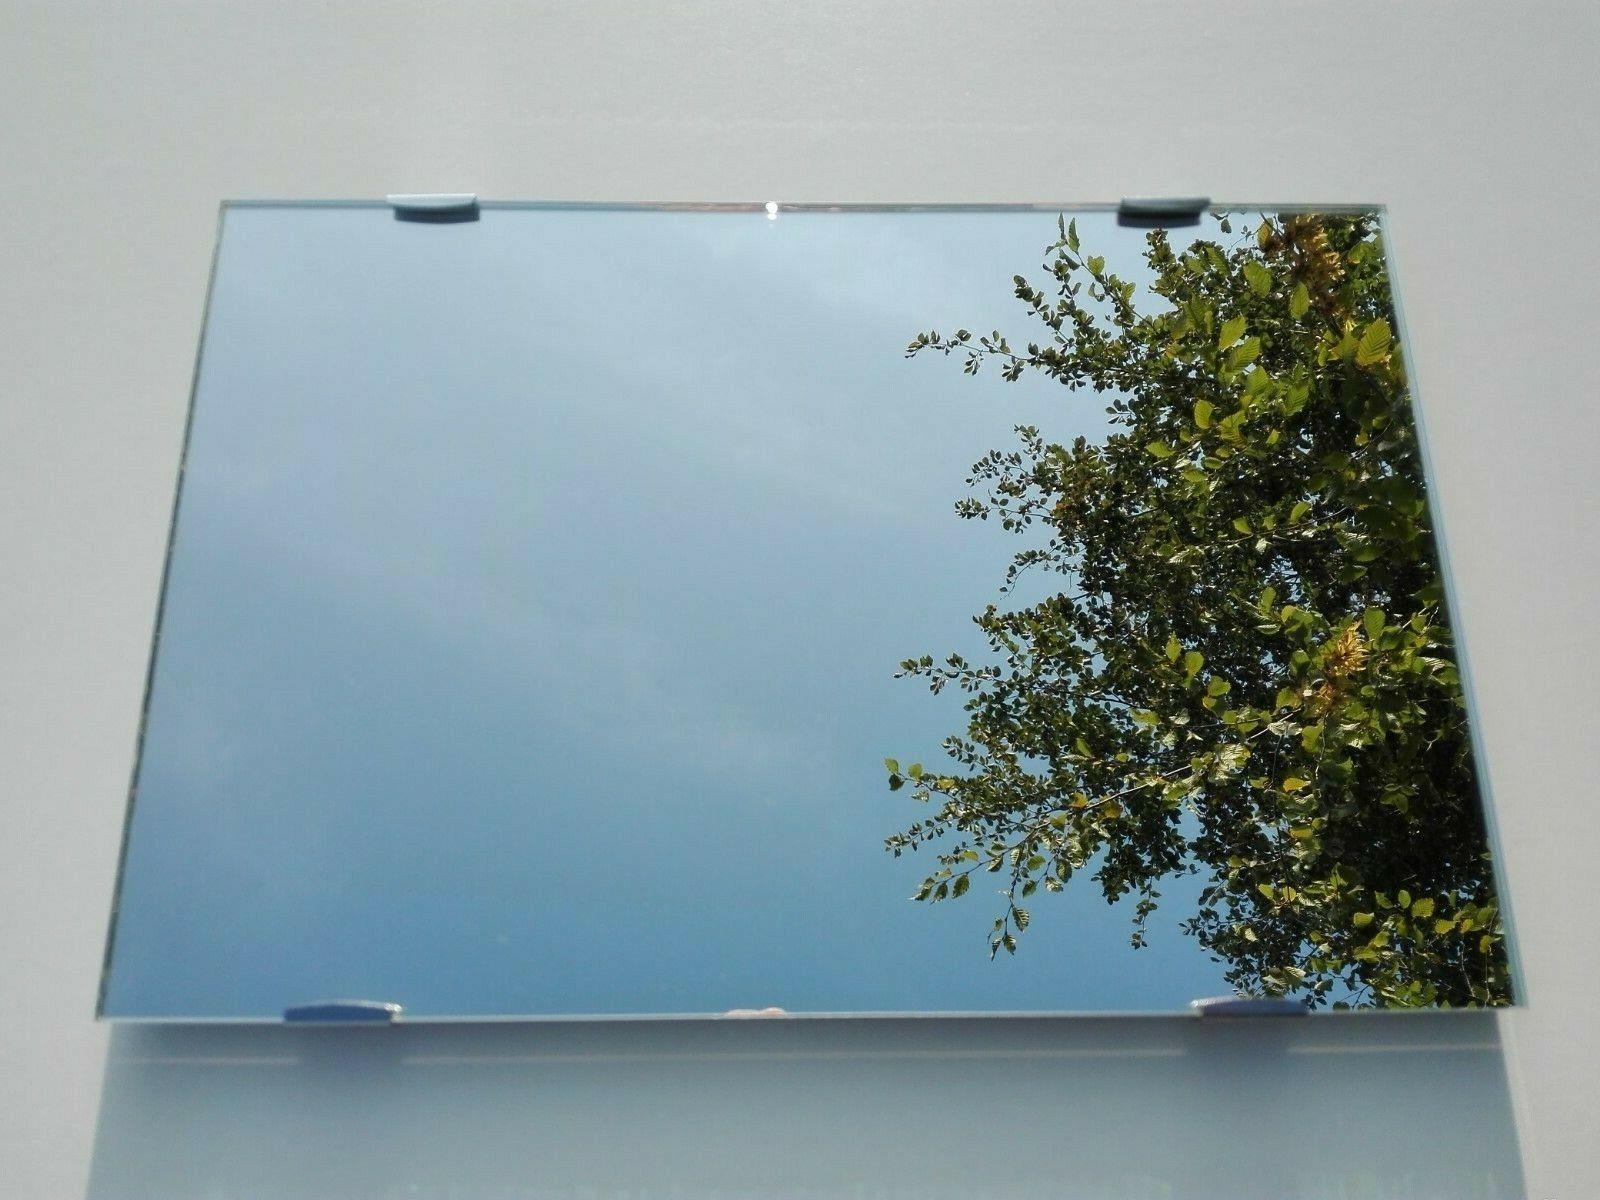 Wandspiegel rahmenlos Hängespiegel Kristall Spiegel mit Spiegelklammern